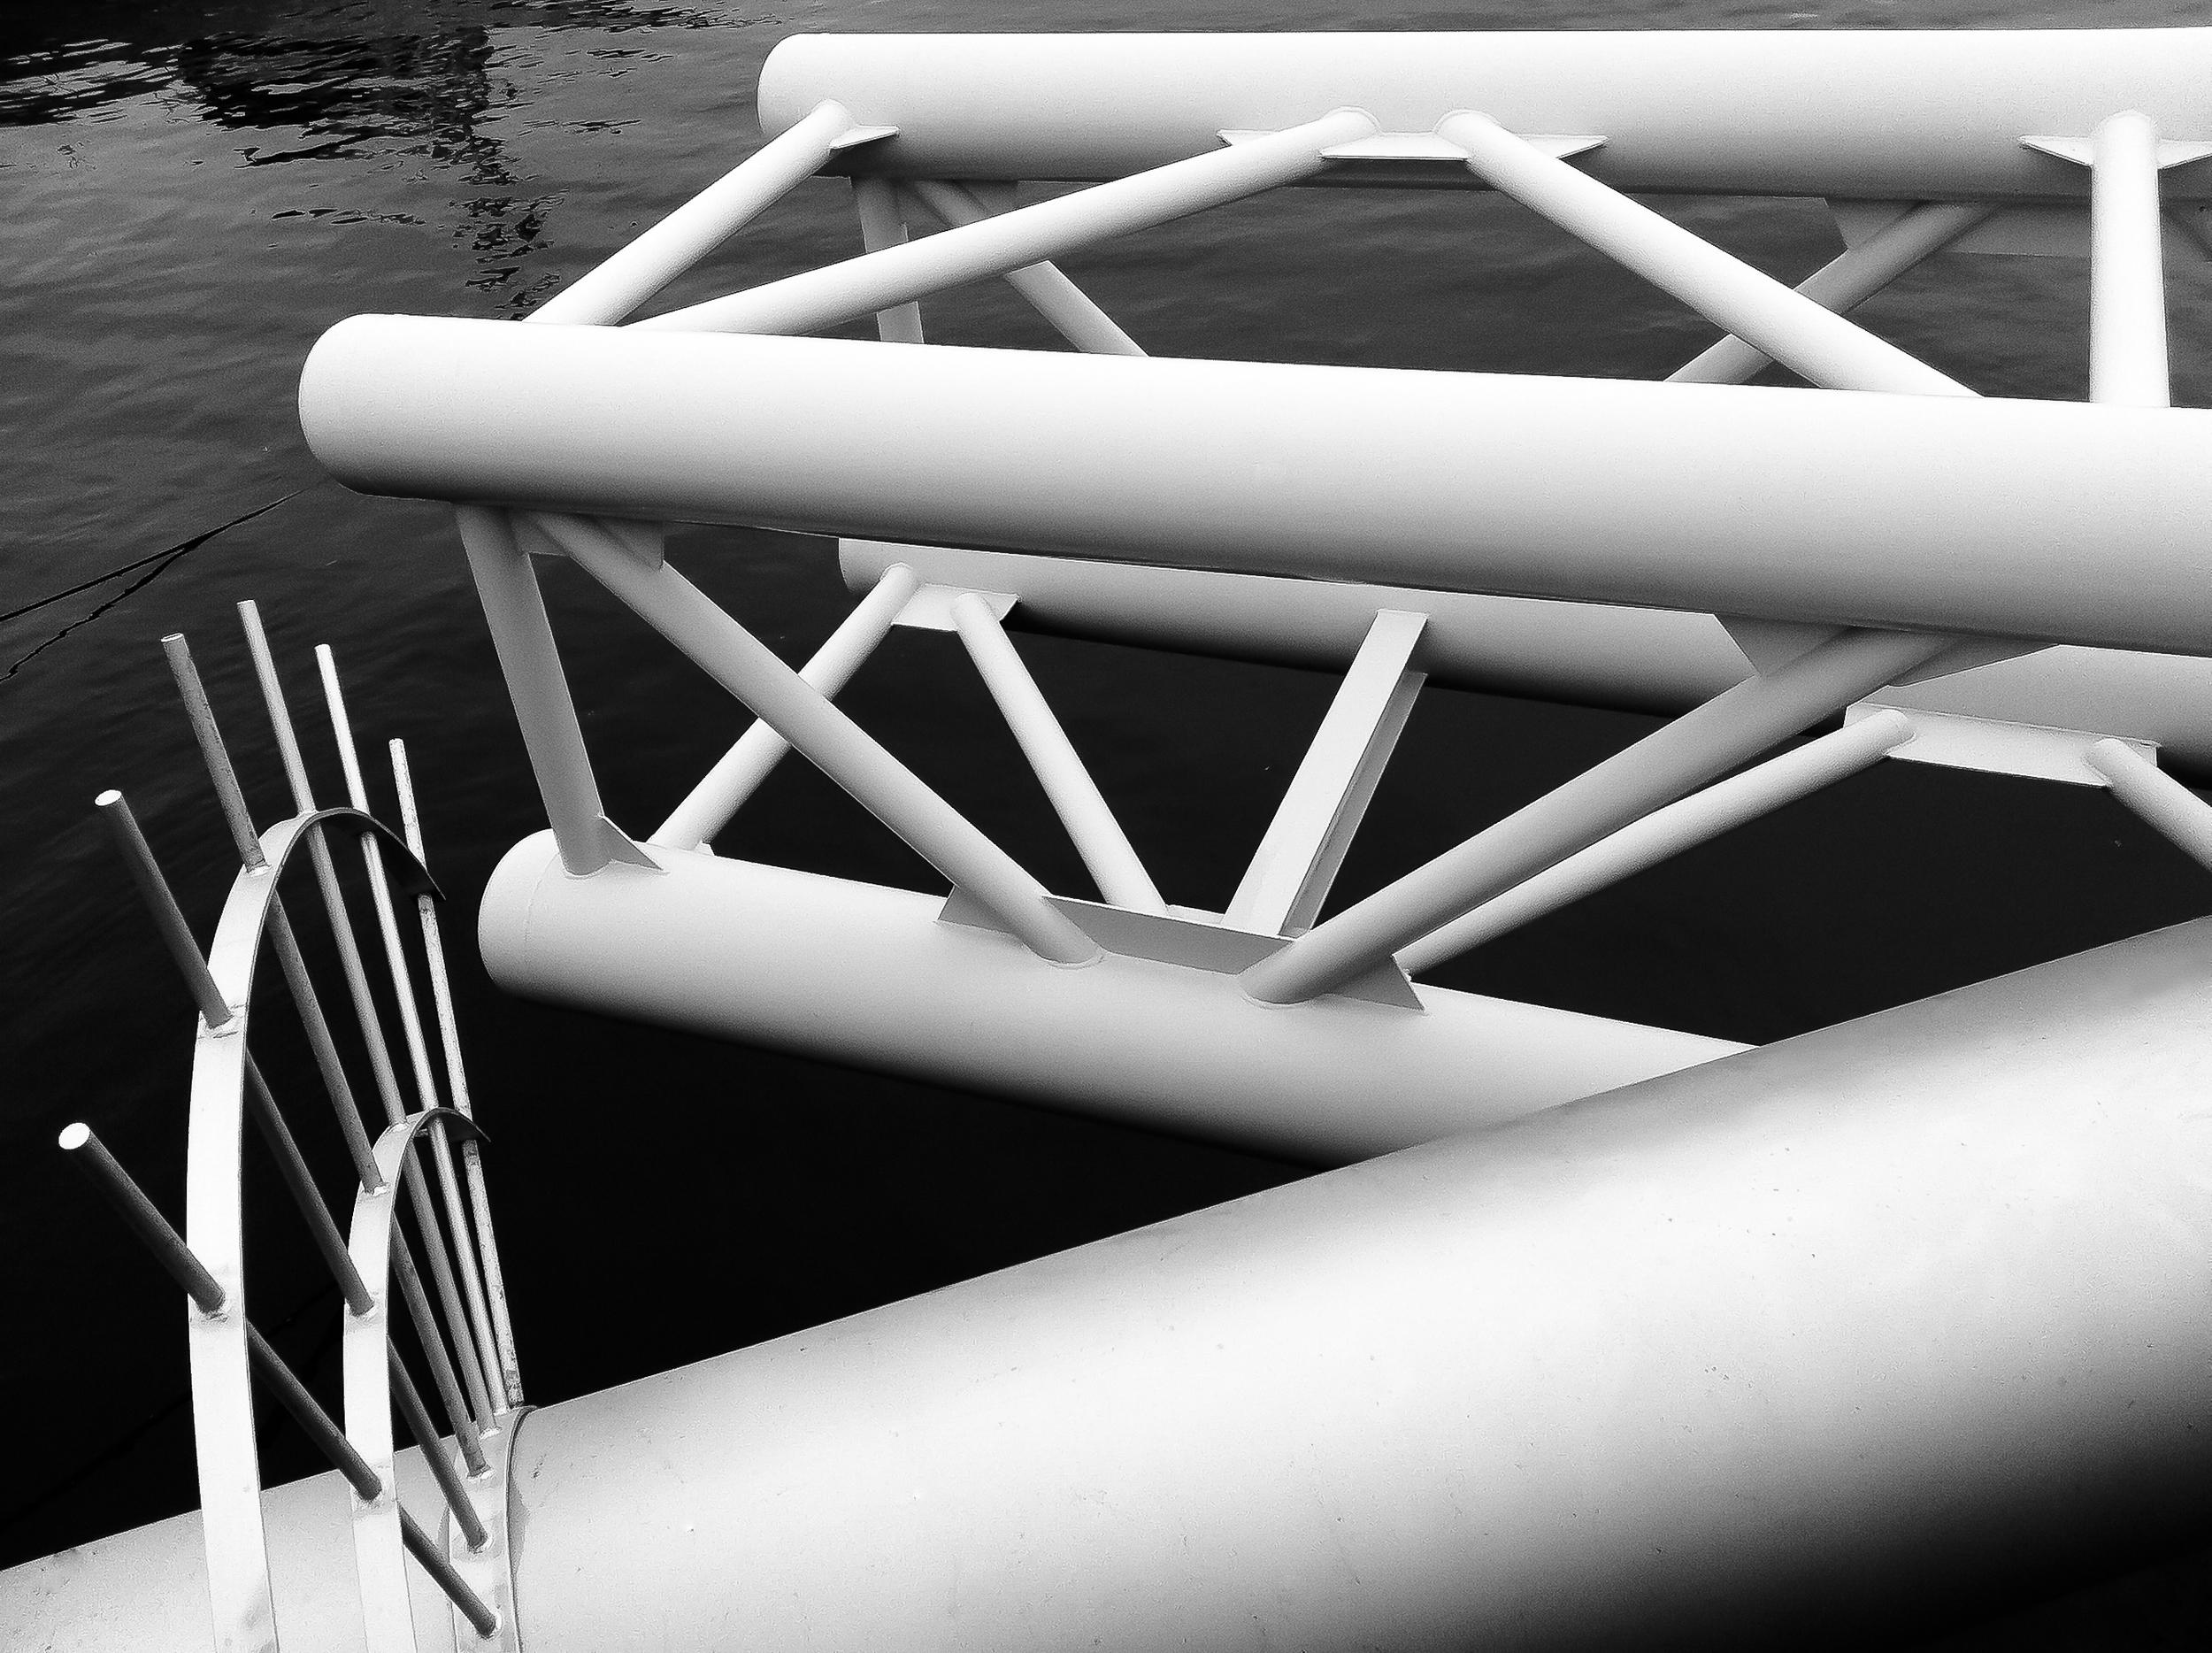 nagasaki-pipes.jpg